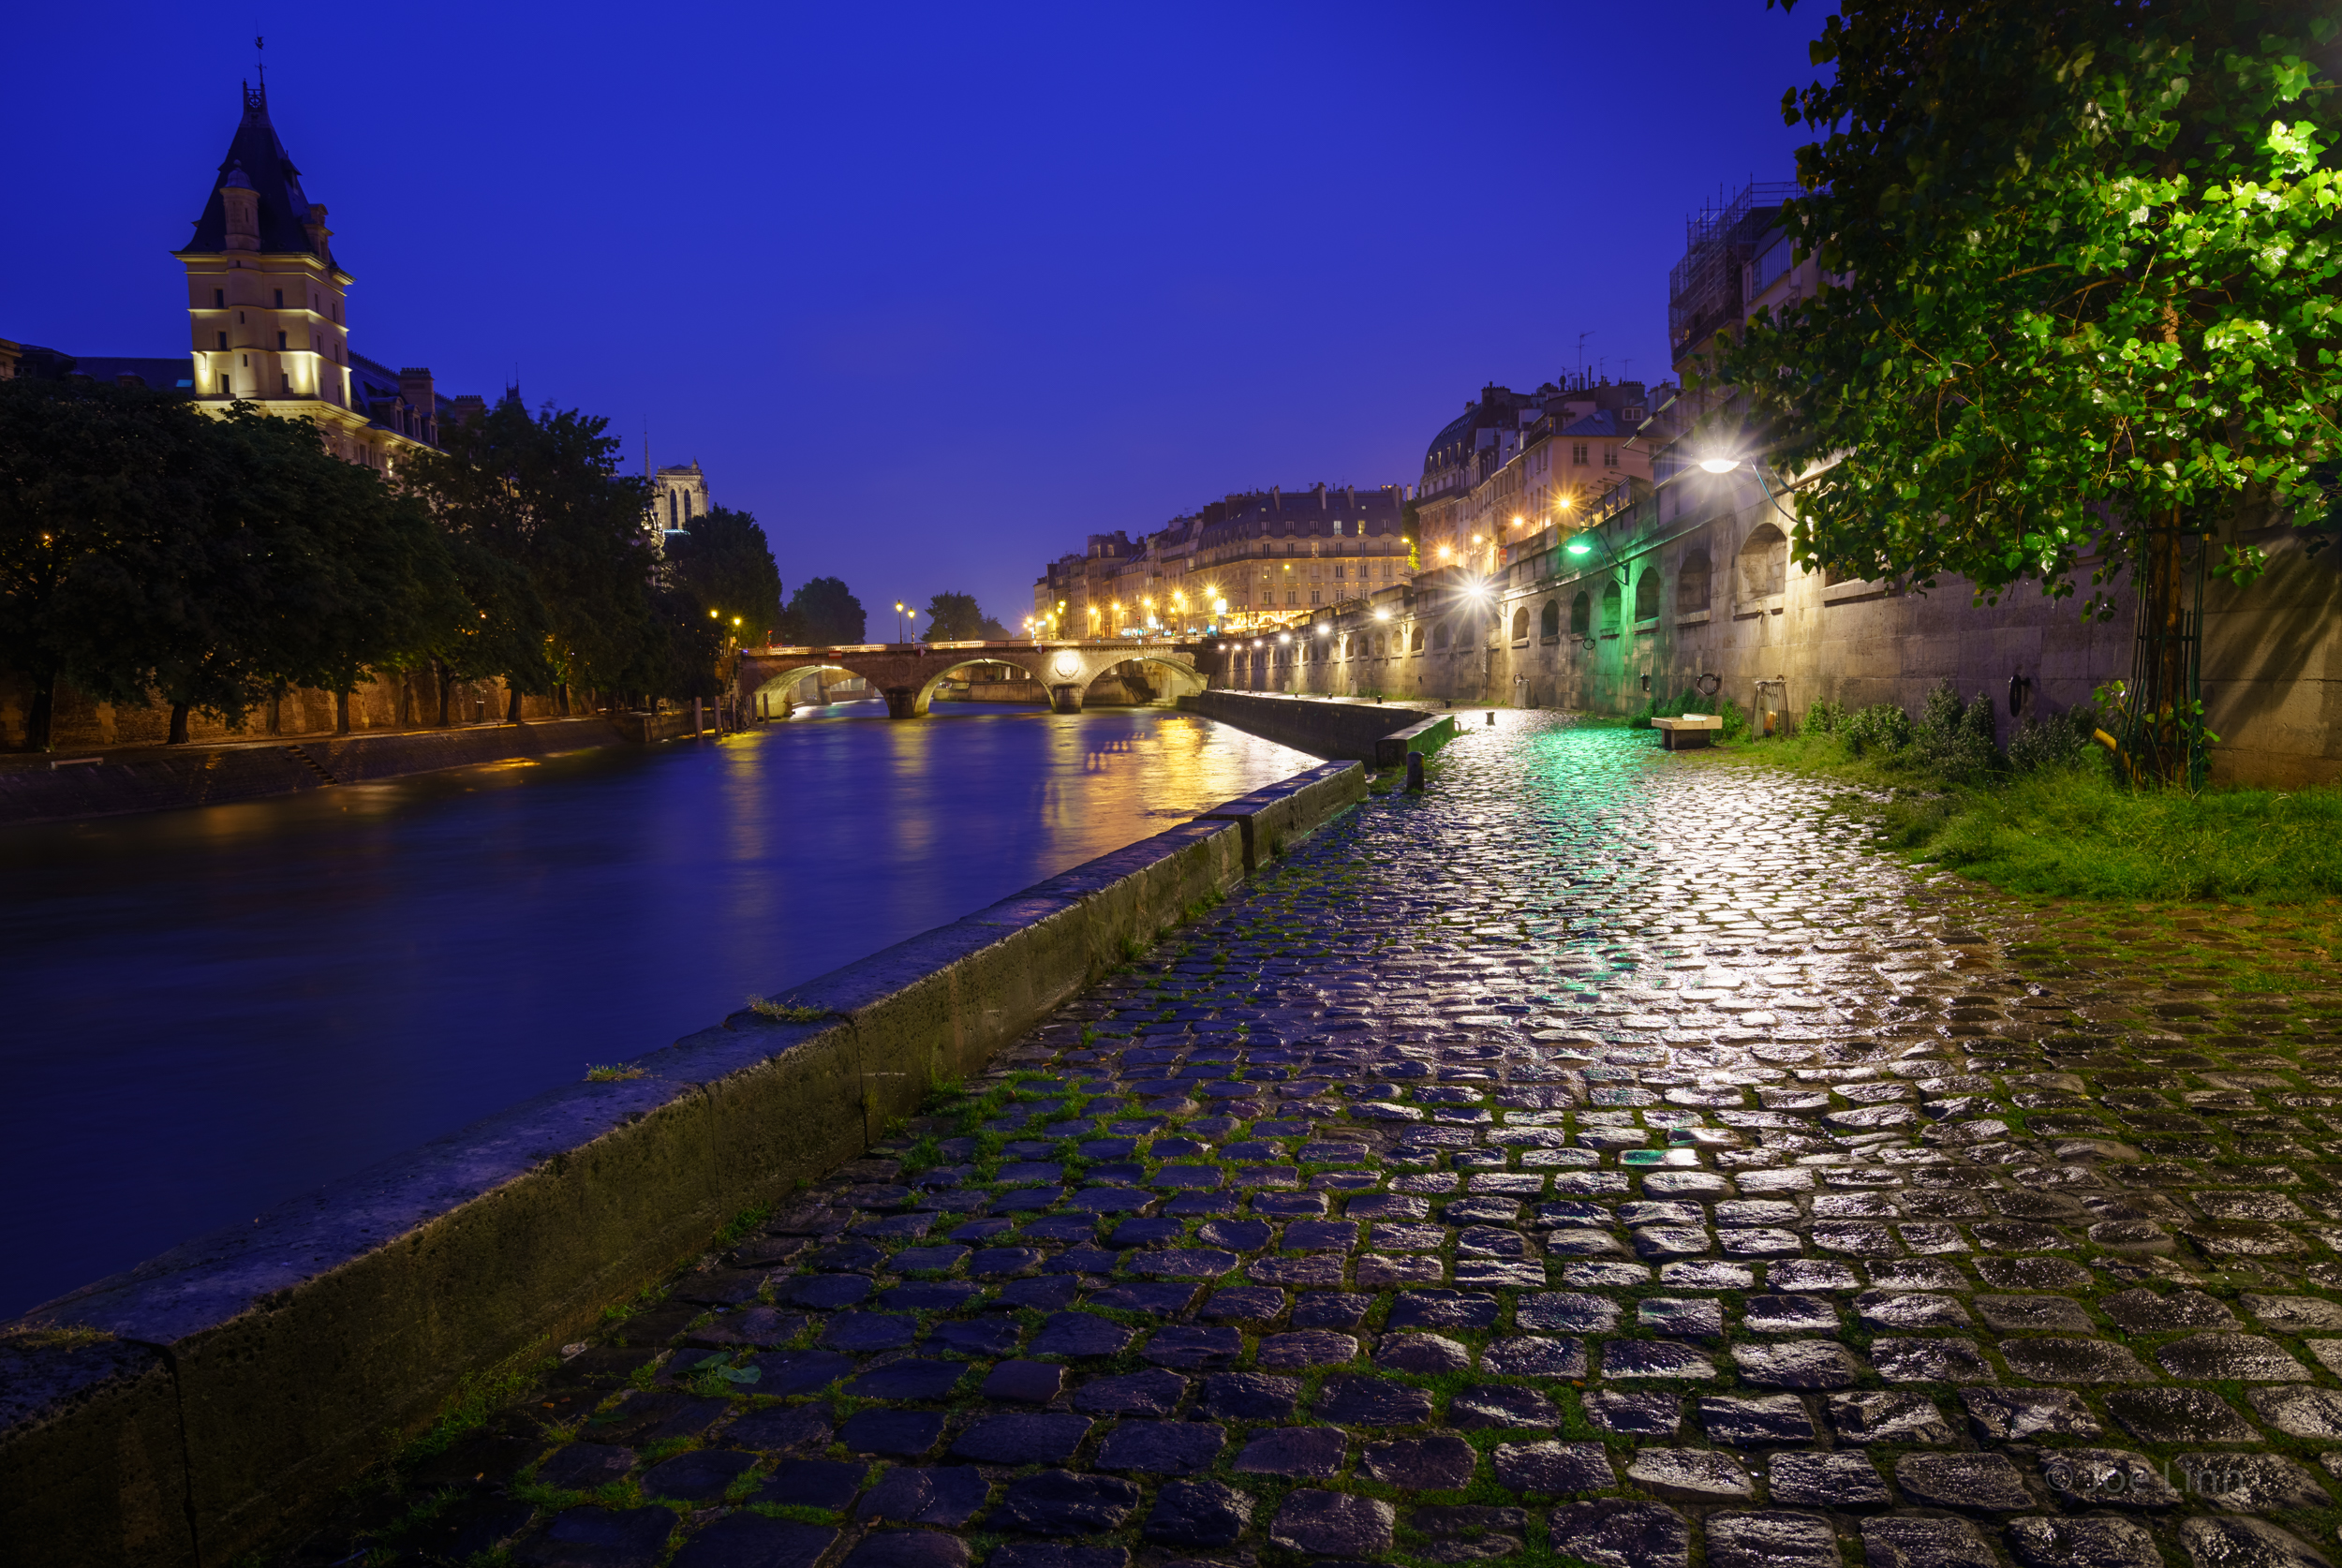 Sous les ponts de Paris (Under the bridges of Paris)